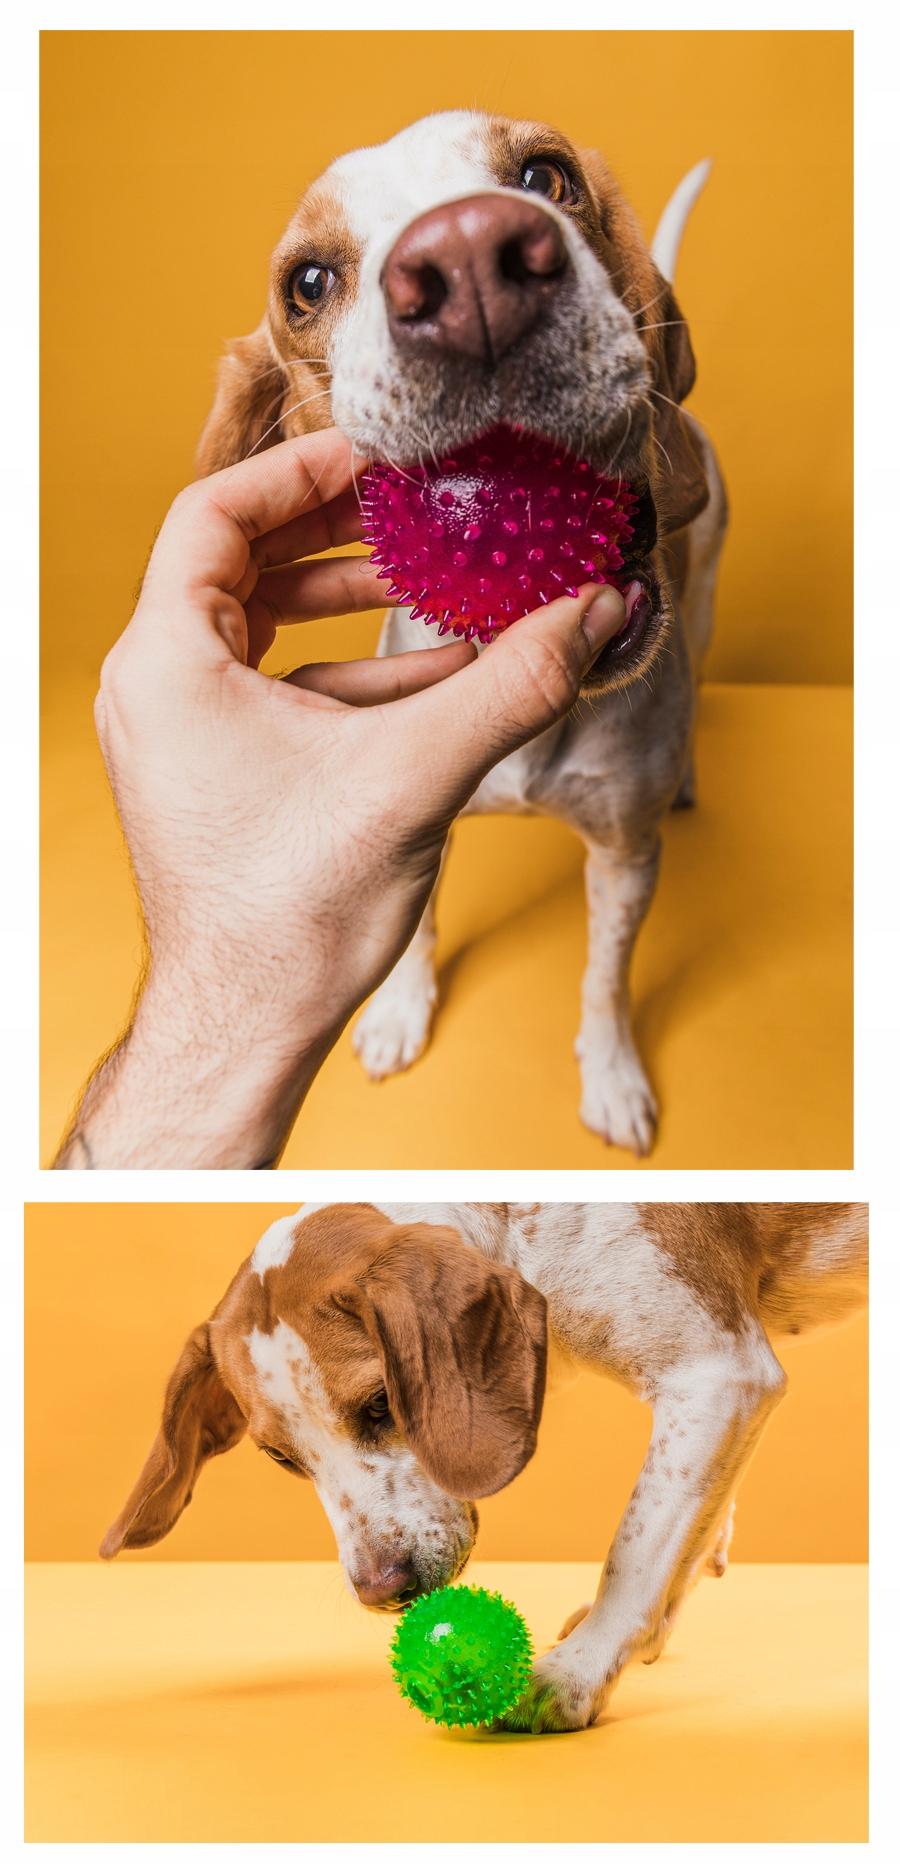 PIŁKA ZABAWKA Z KOLCAMI dla psa ŚWIECI PISZCZY 7CM Waga produktu z opakowaniem jednostkowym 0.1 kg